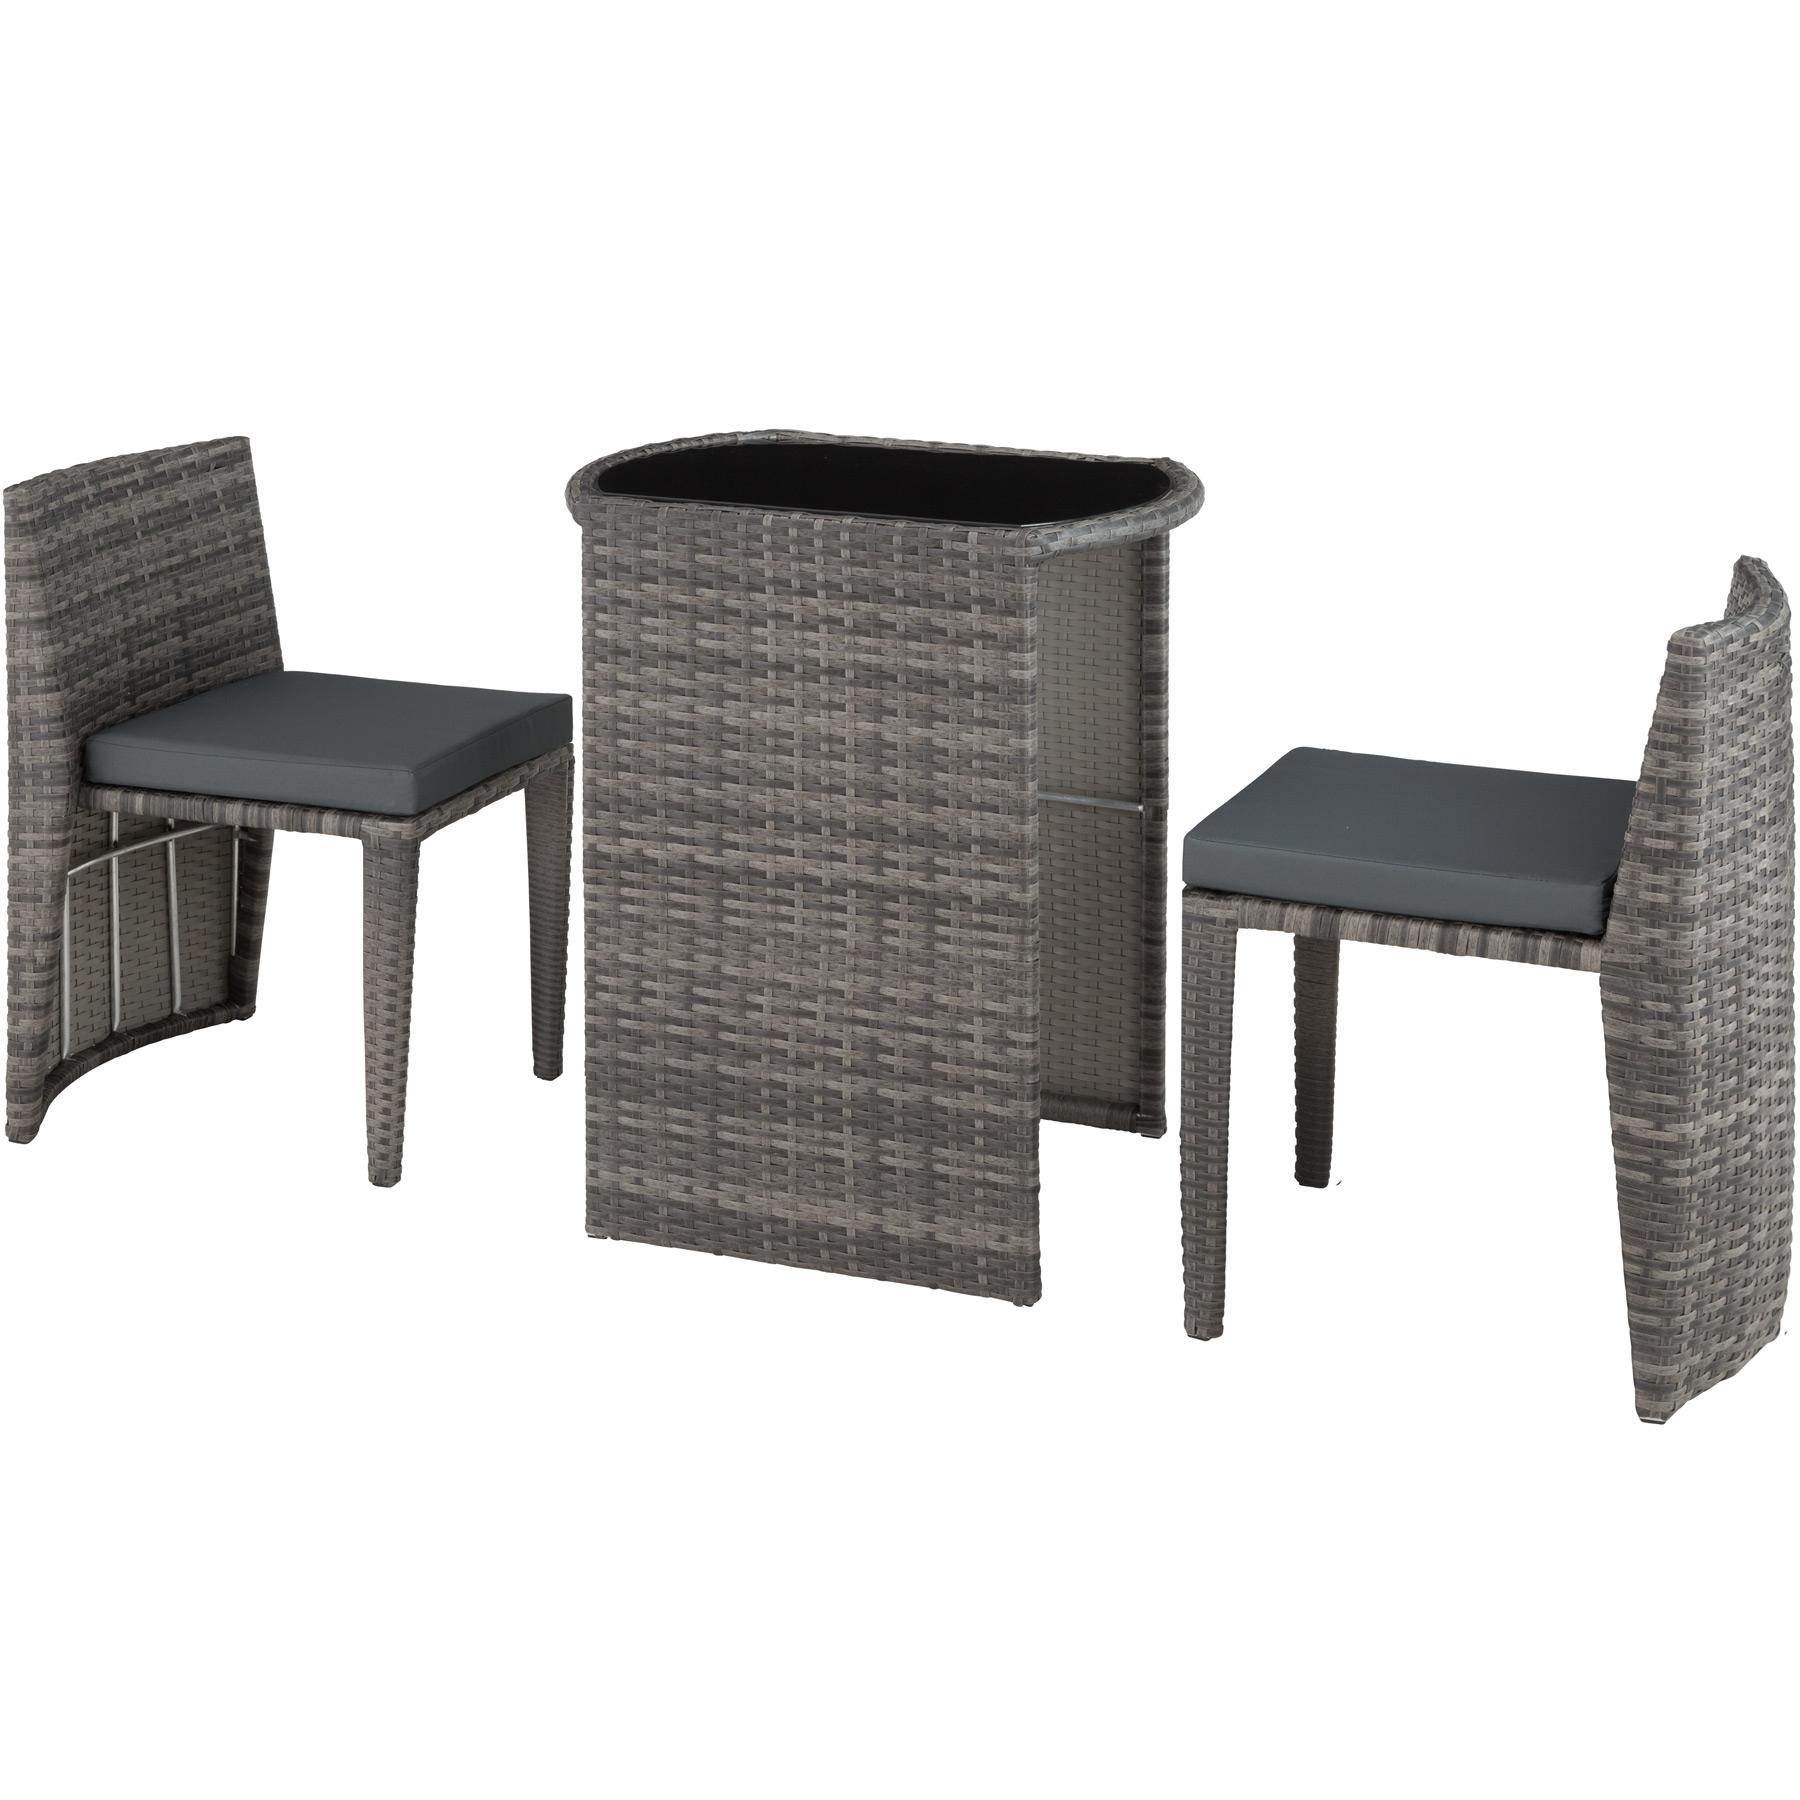 Détails Sur Salon De Jardin Résine Tressée 2 Personnes Mobilier Encastrable  Chaises Table intérieur Table De Jardin Chaise Encastrable